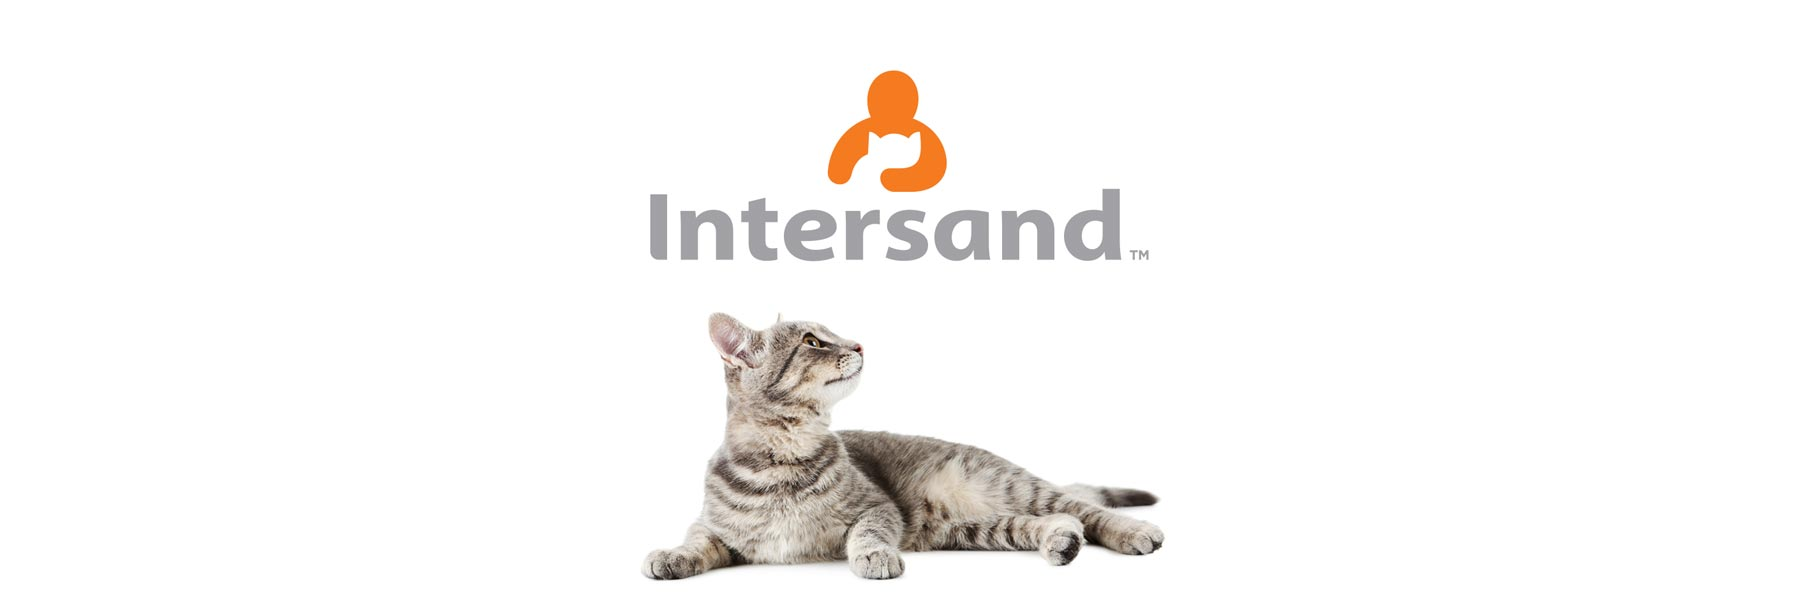 Intersand-portfolio header